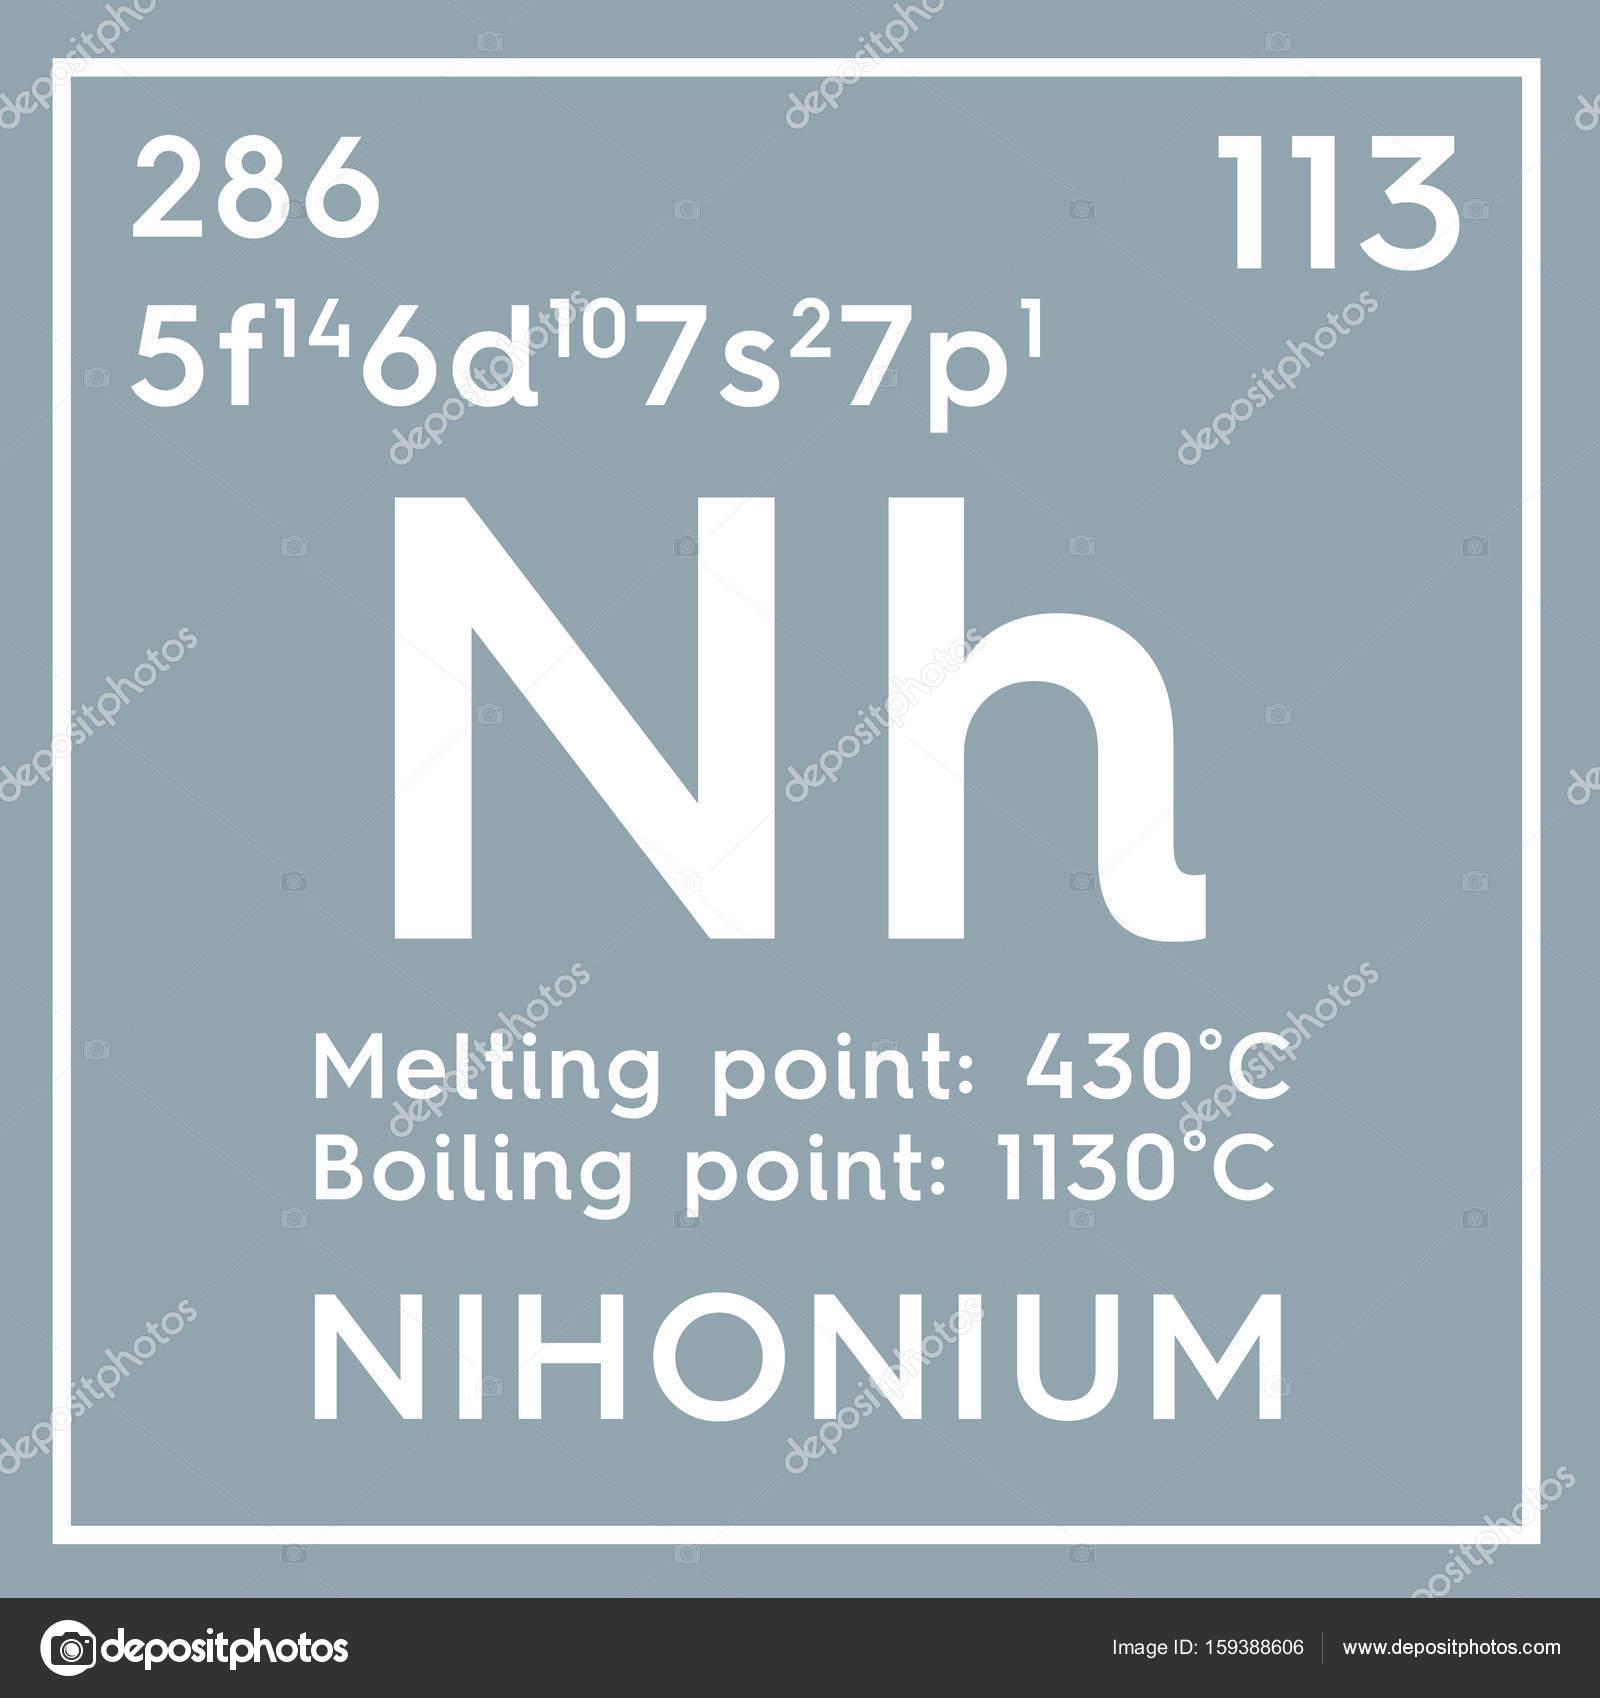 despus de la transicin los metales elemento qumico de la tabla de periodica - Tabla Periodica Metales Transicion